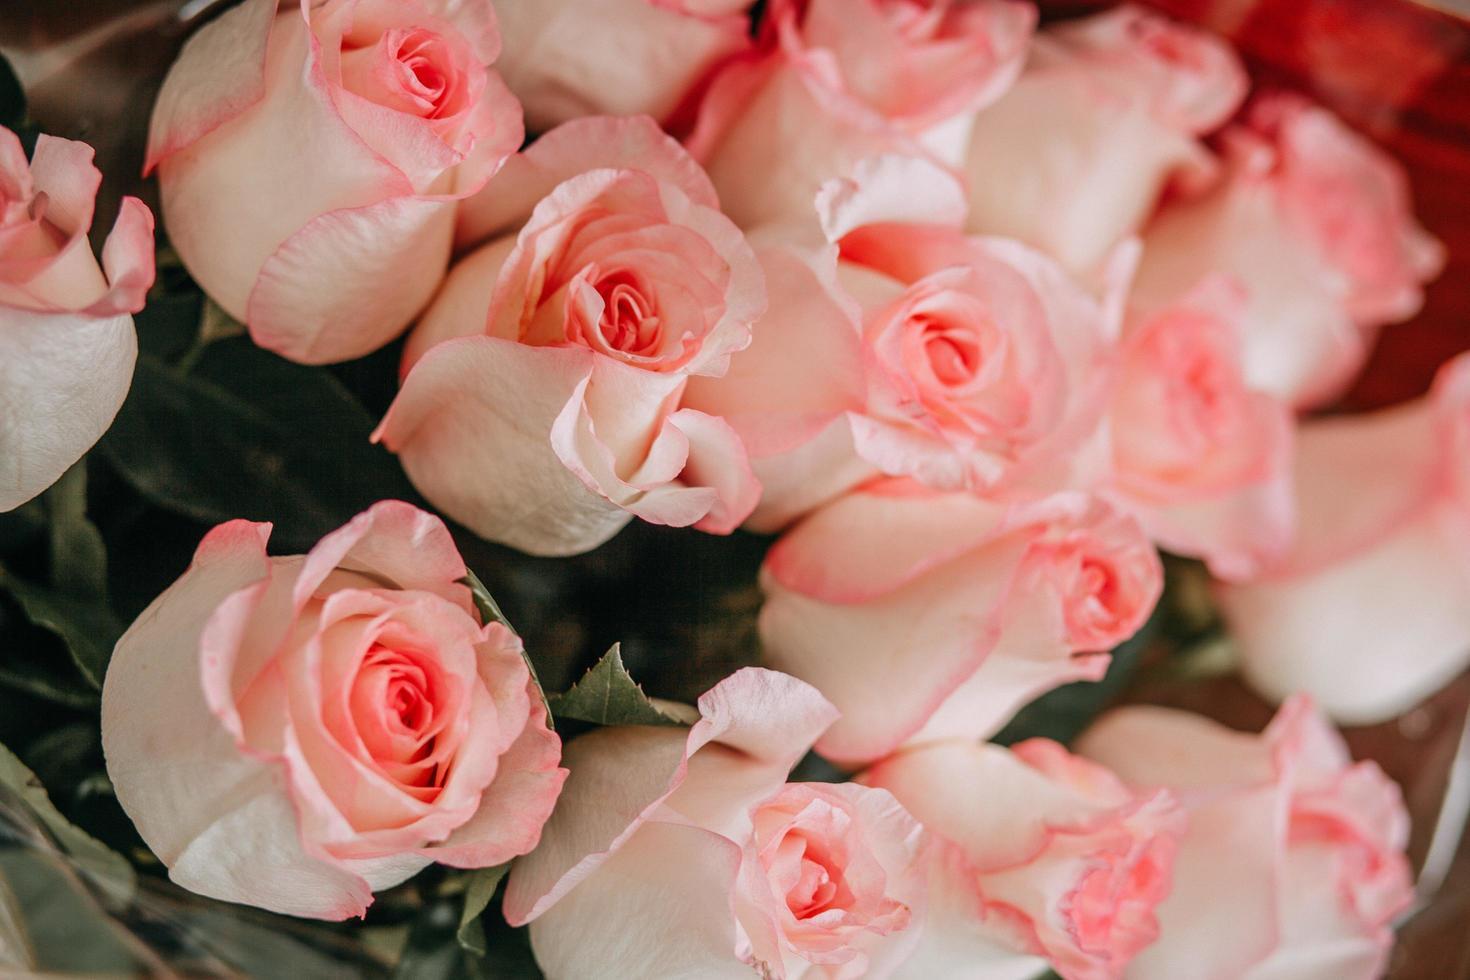 rosa rosbukett foto